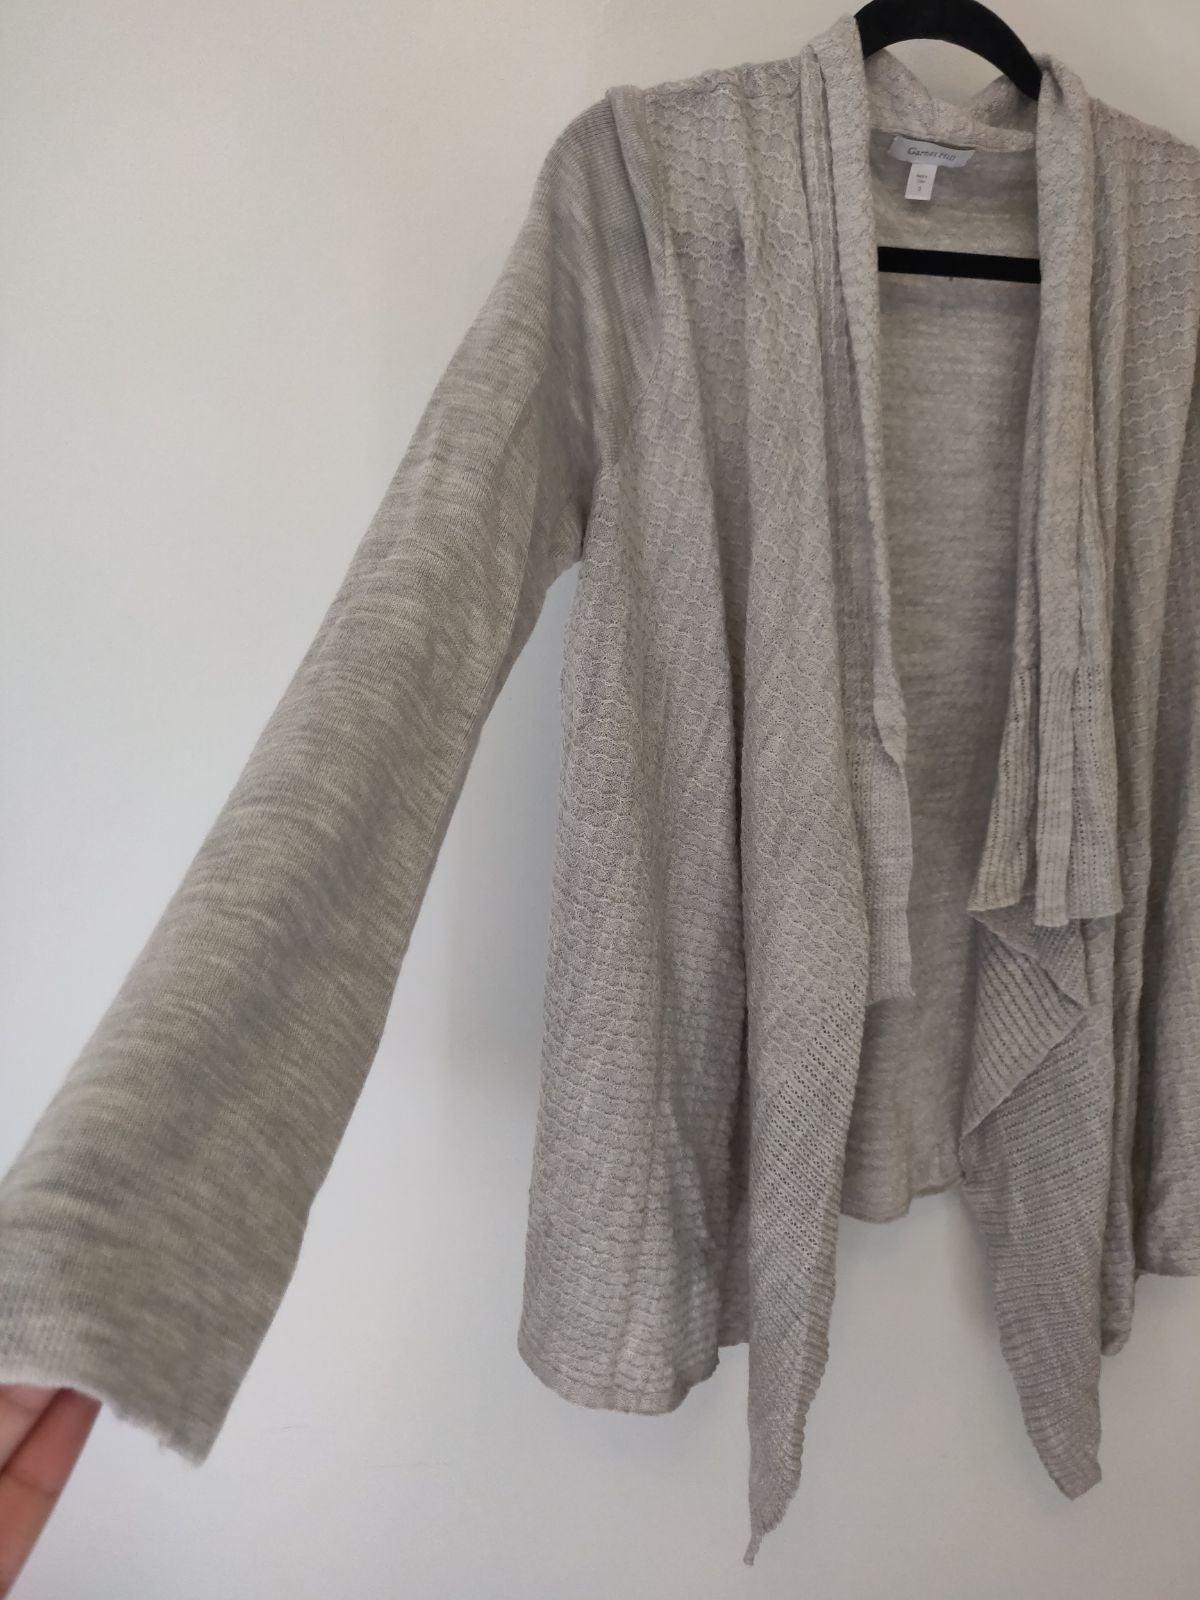 Garnet hill grey soft Cardigan sweater